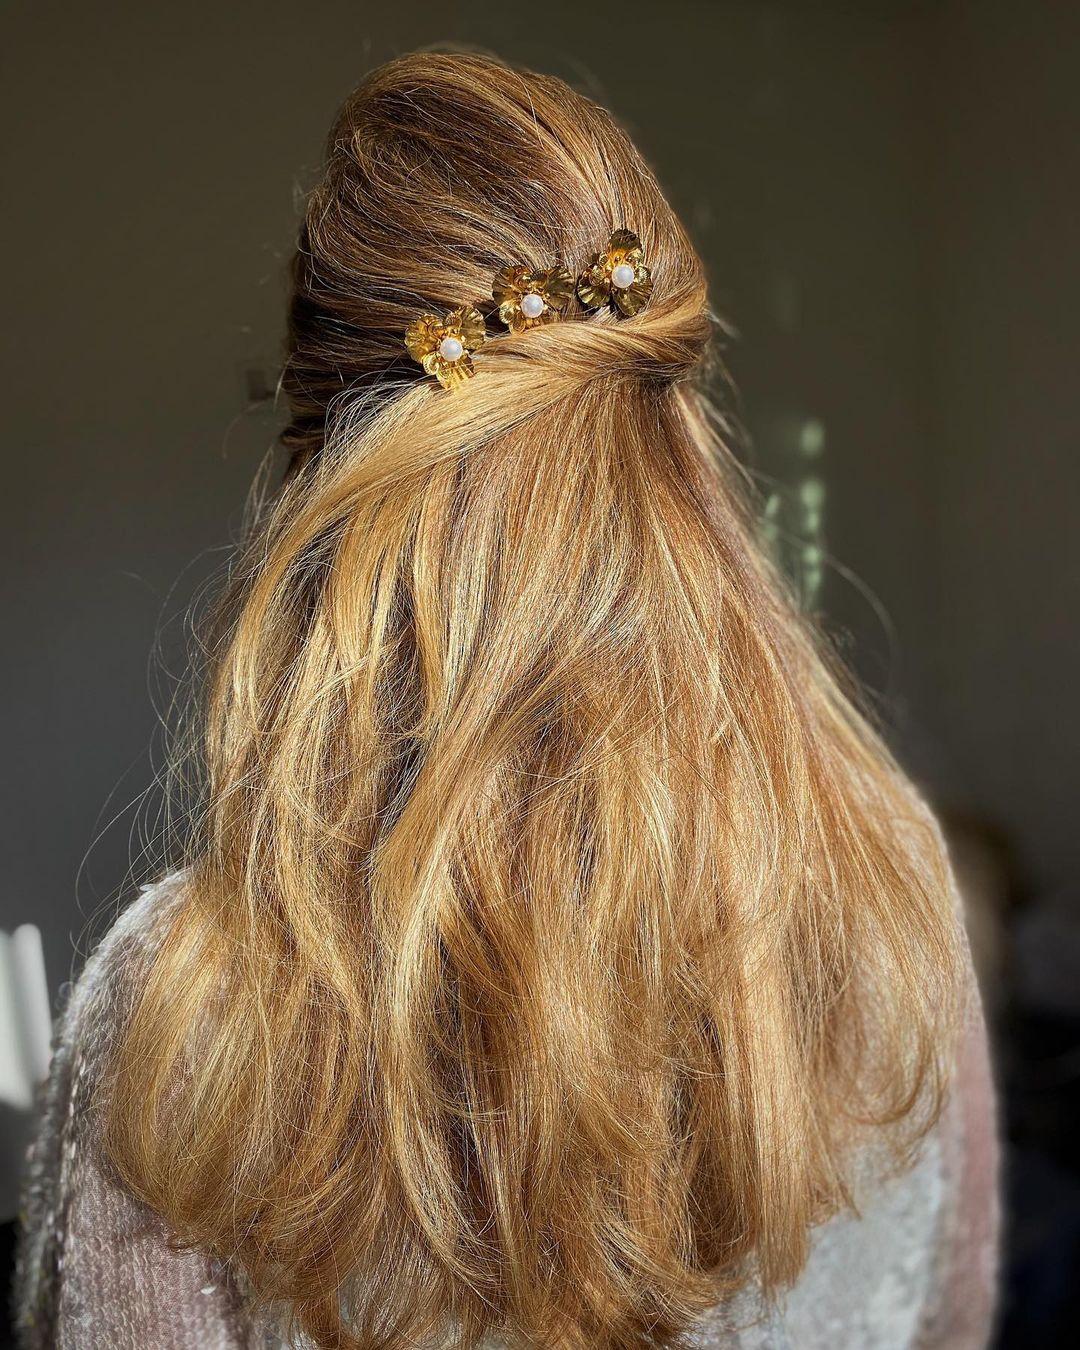 تسريحة التويست مع مشابك الشعر(الصورة من حساب ساني بروك على إنستغرام)